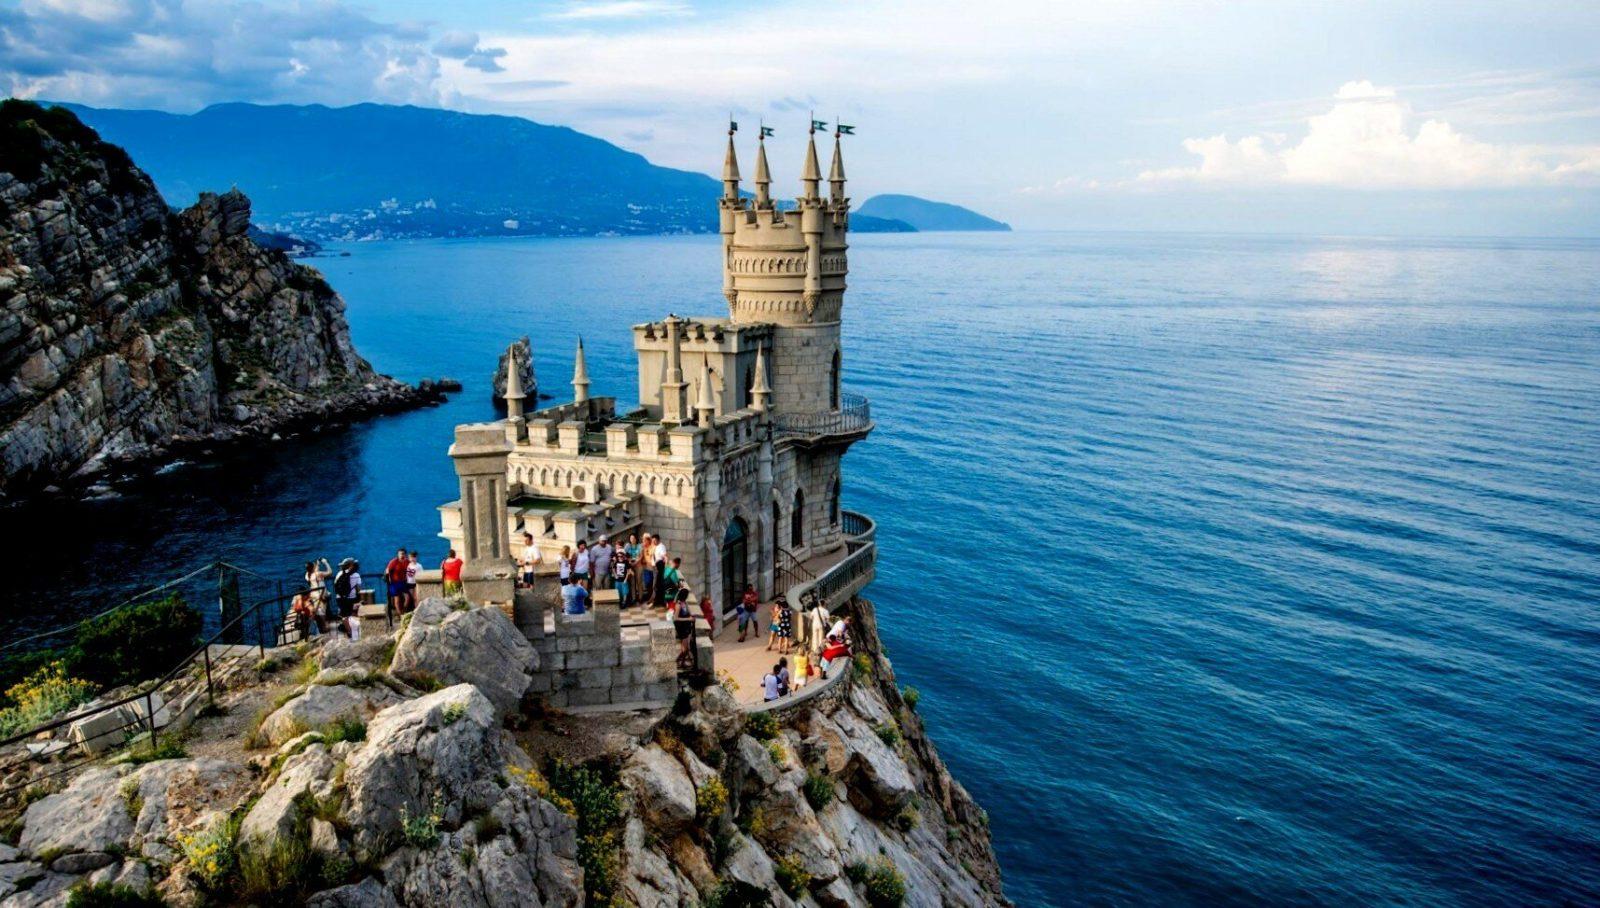 В Крым на пмж. 5 причин не переезжать. топ и подборки полезные советы отзывы отдых и развлечения крым